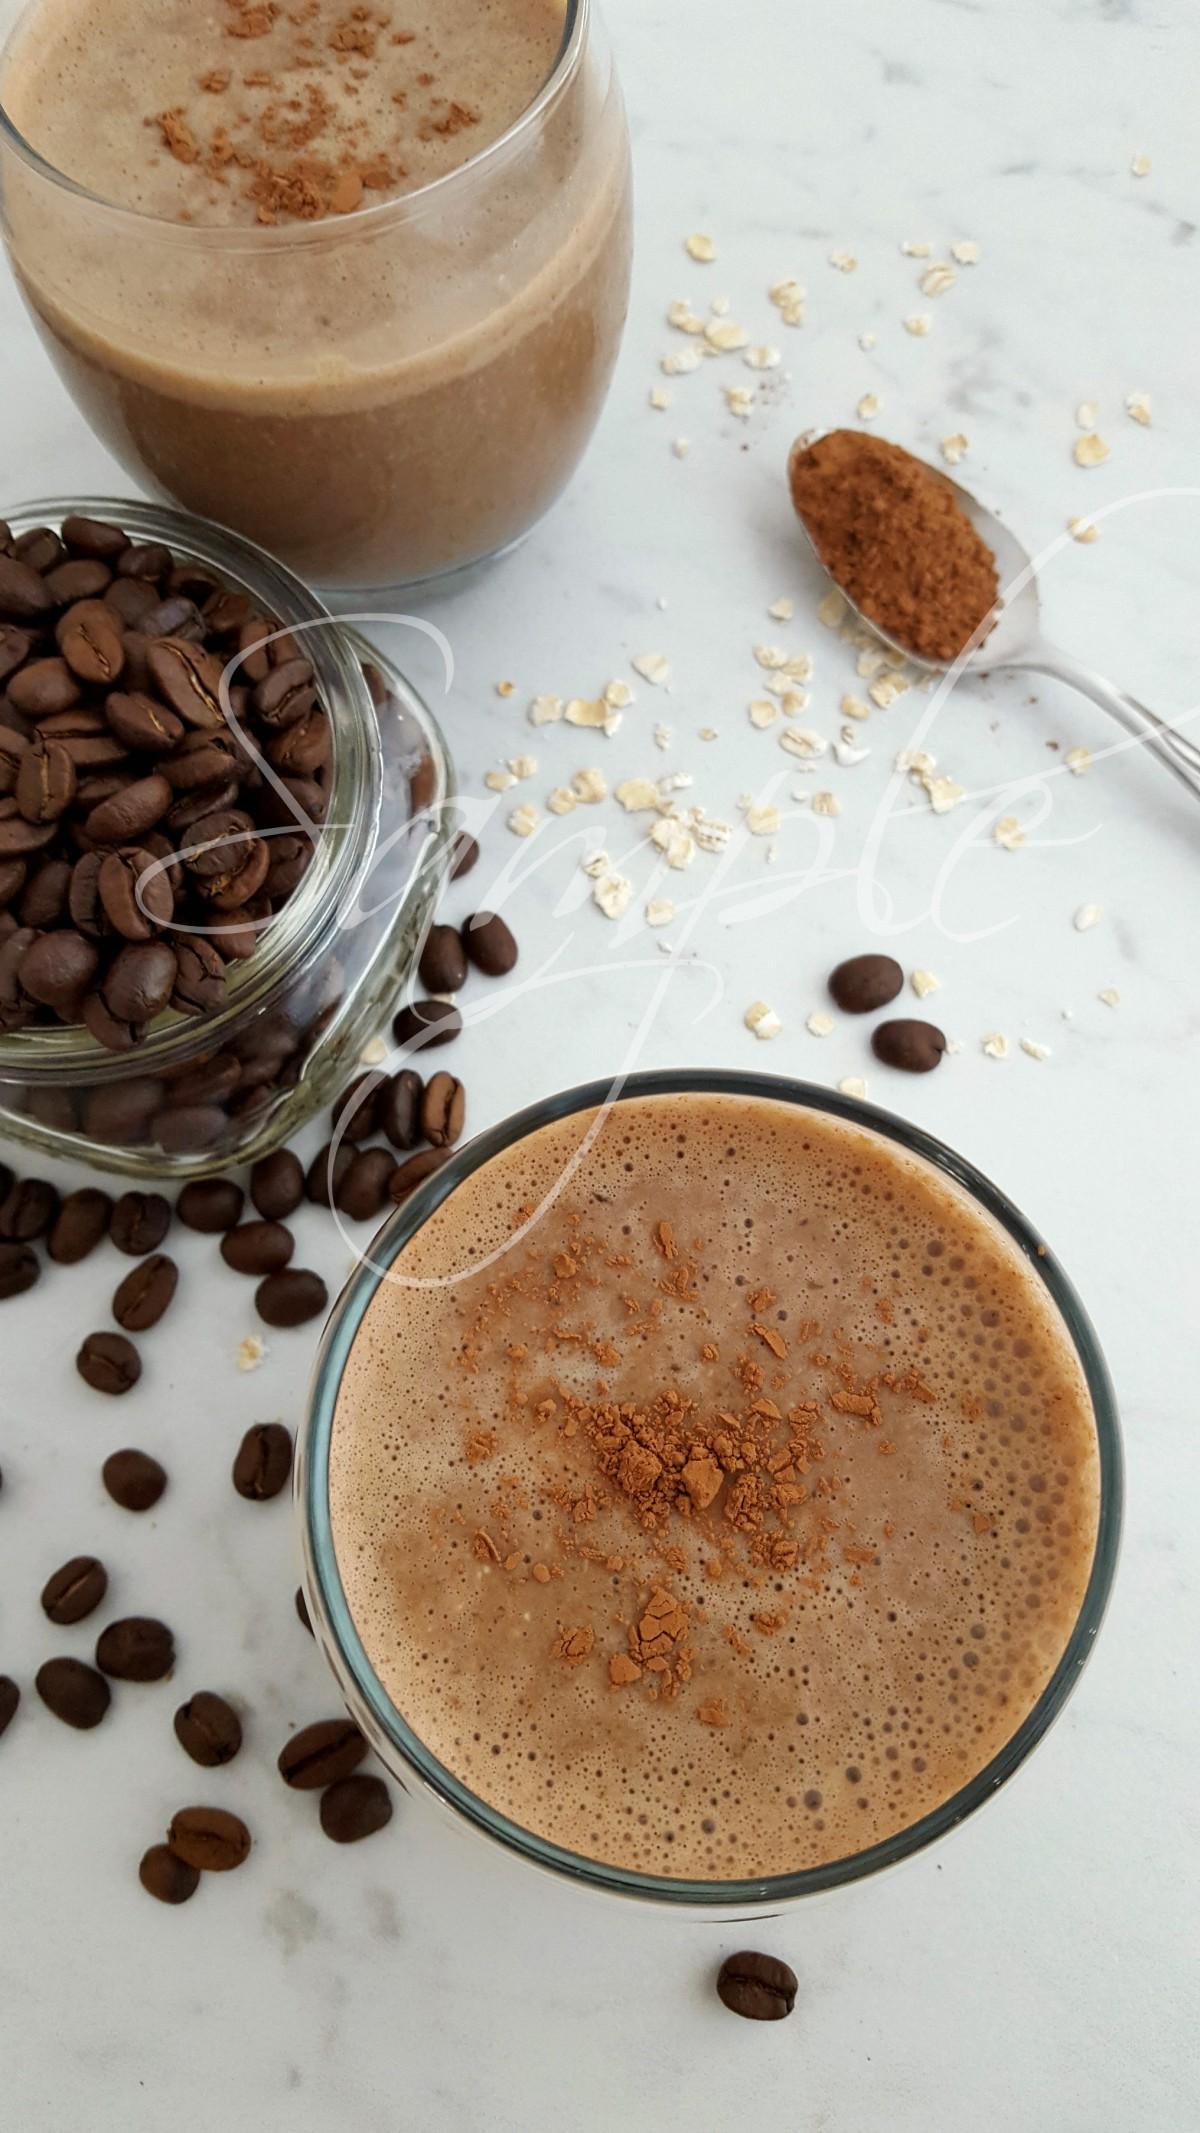 CoffeeOatmealBananaBreakfastSmoothie_Sample2